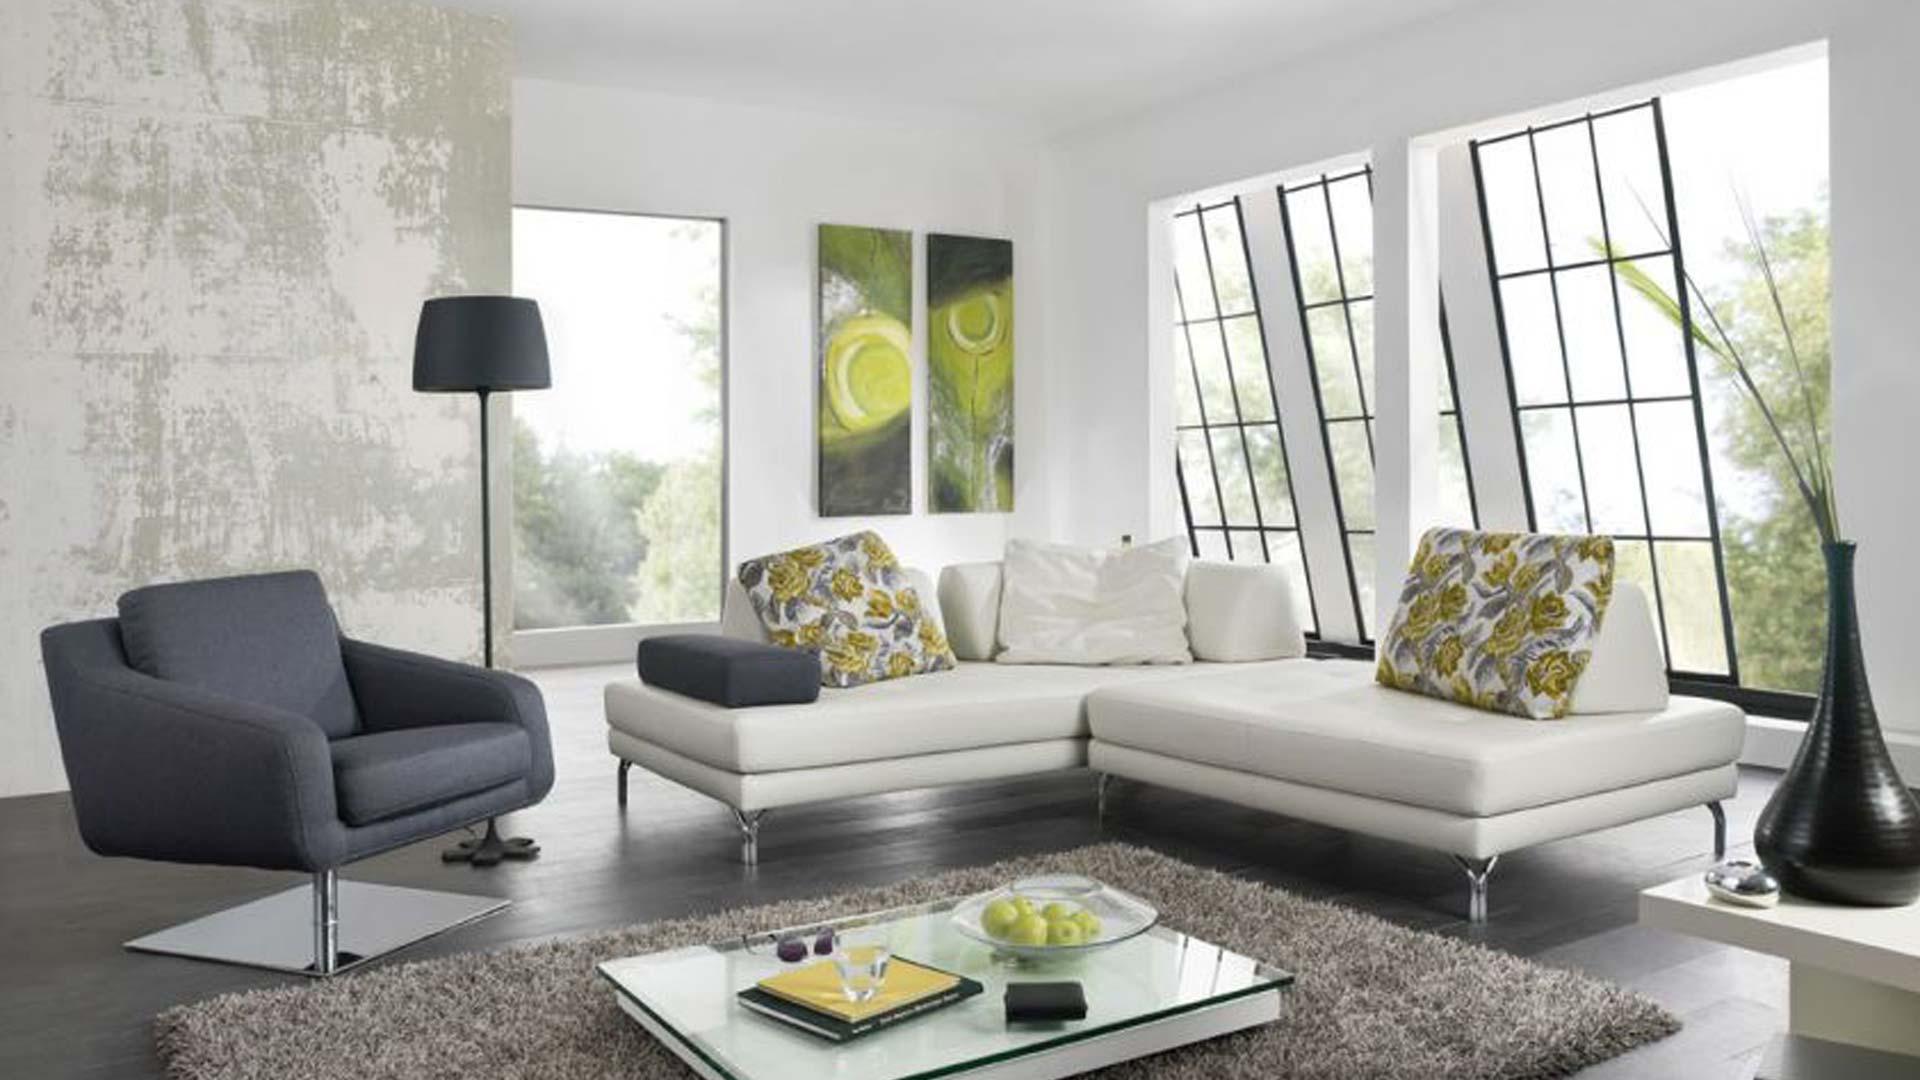 Raumausstattung Ideen ~ Alles über Wohndesign und Möbelideen